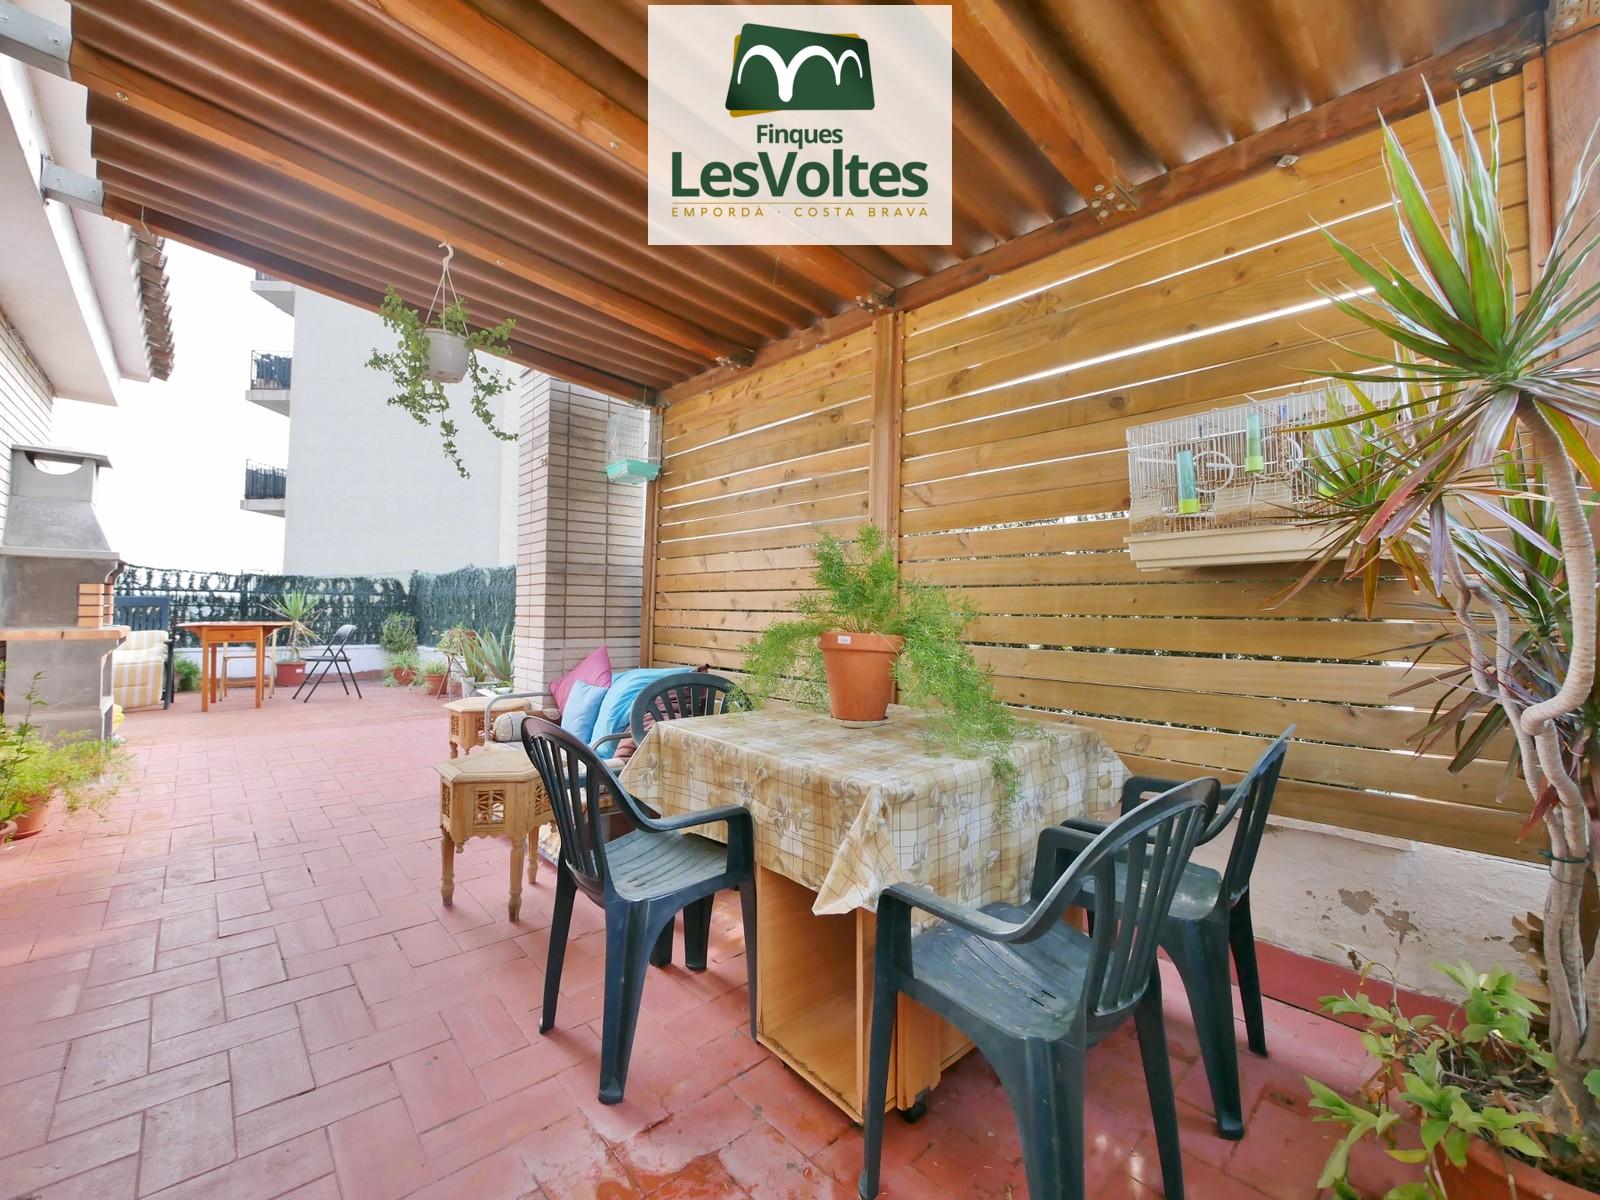 Àtic de 3 habitacions i terrassa en venda a Palafrugell. 2 places d'aparcament i ascensor.